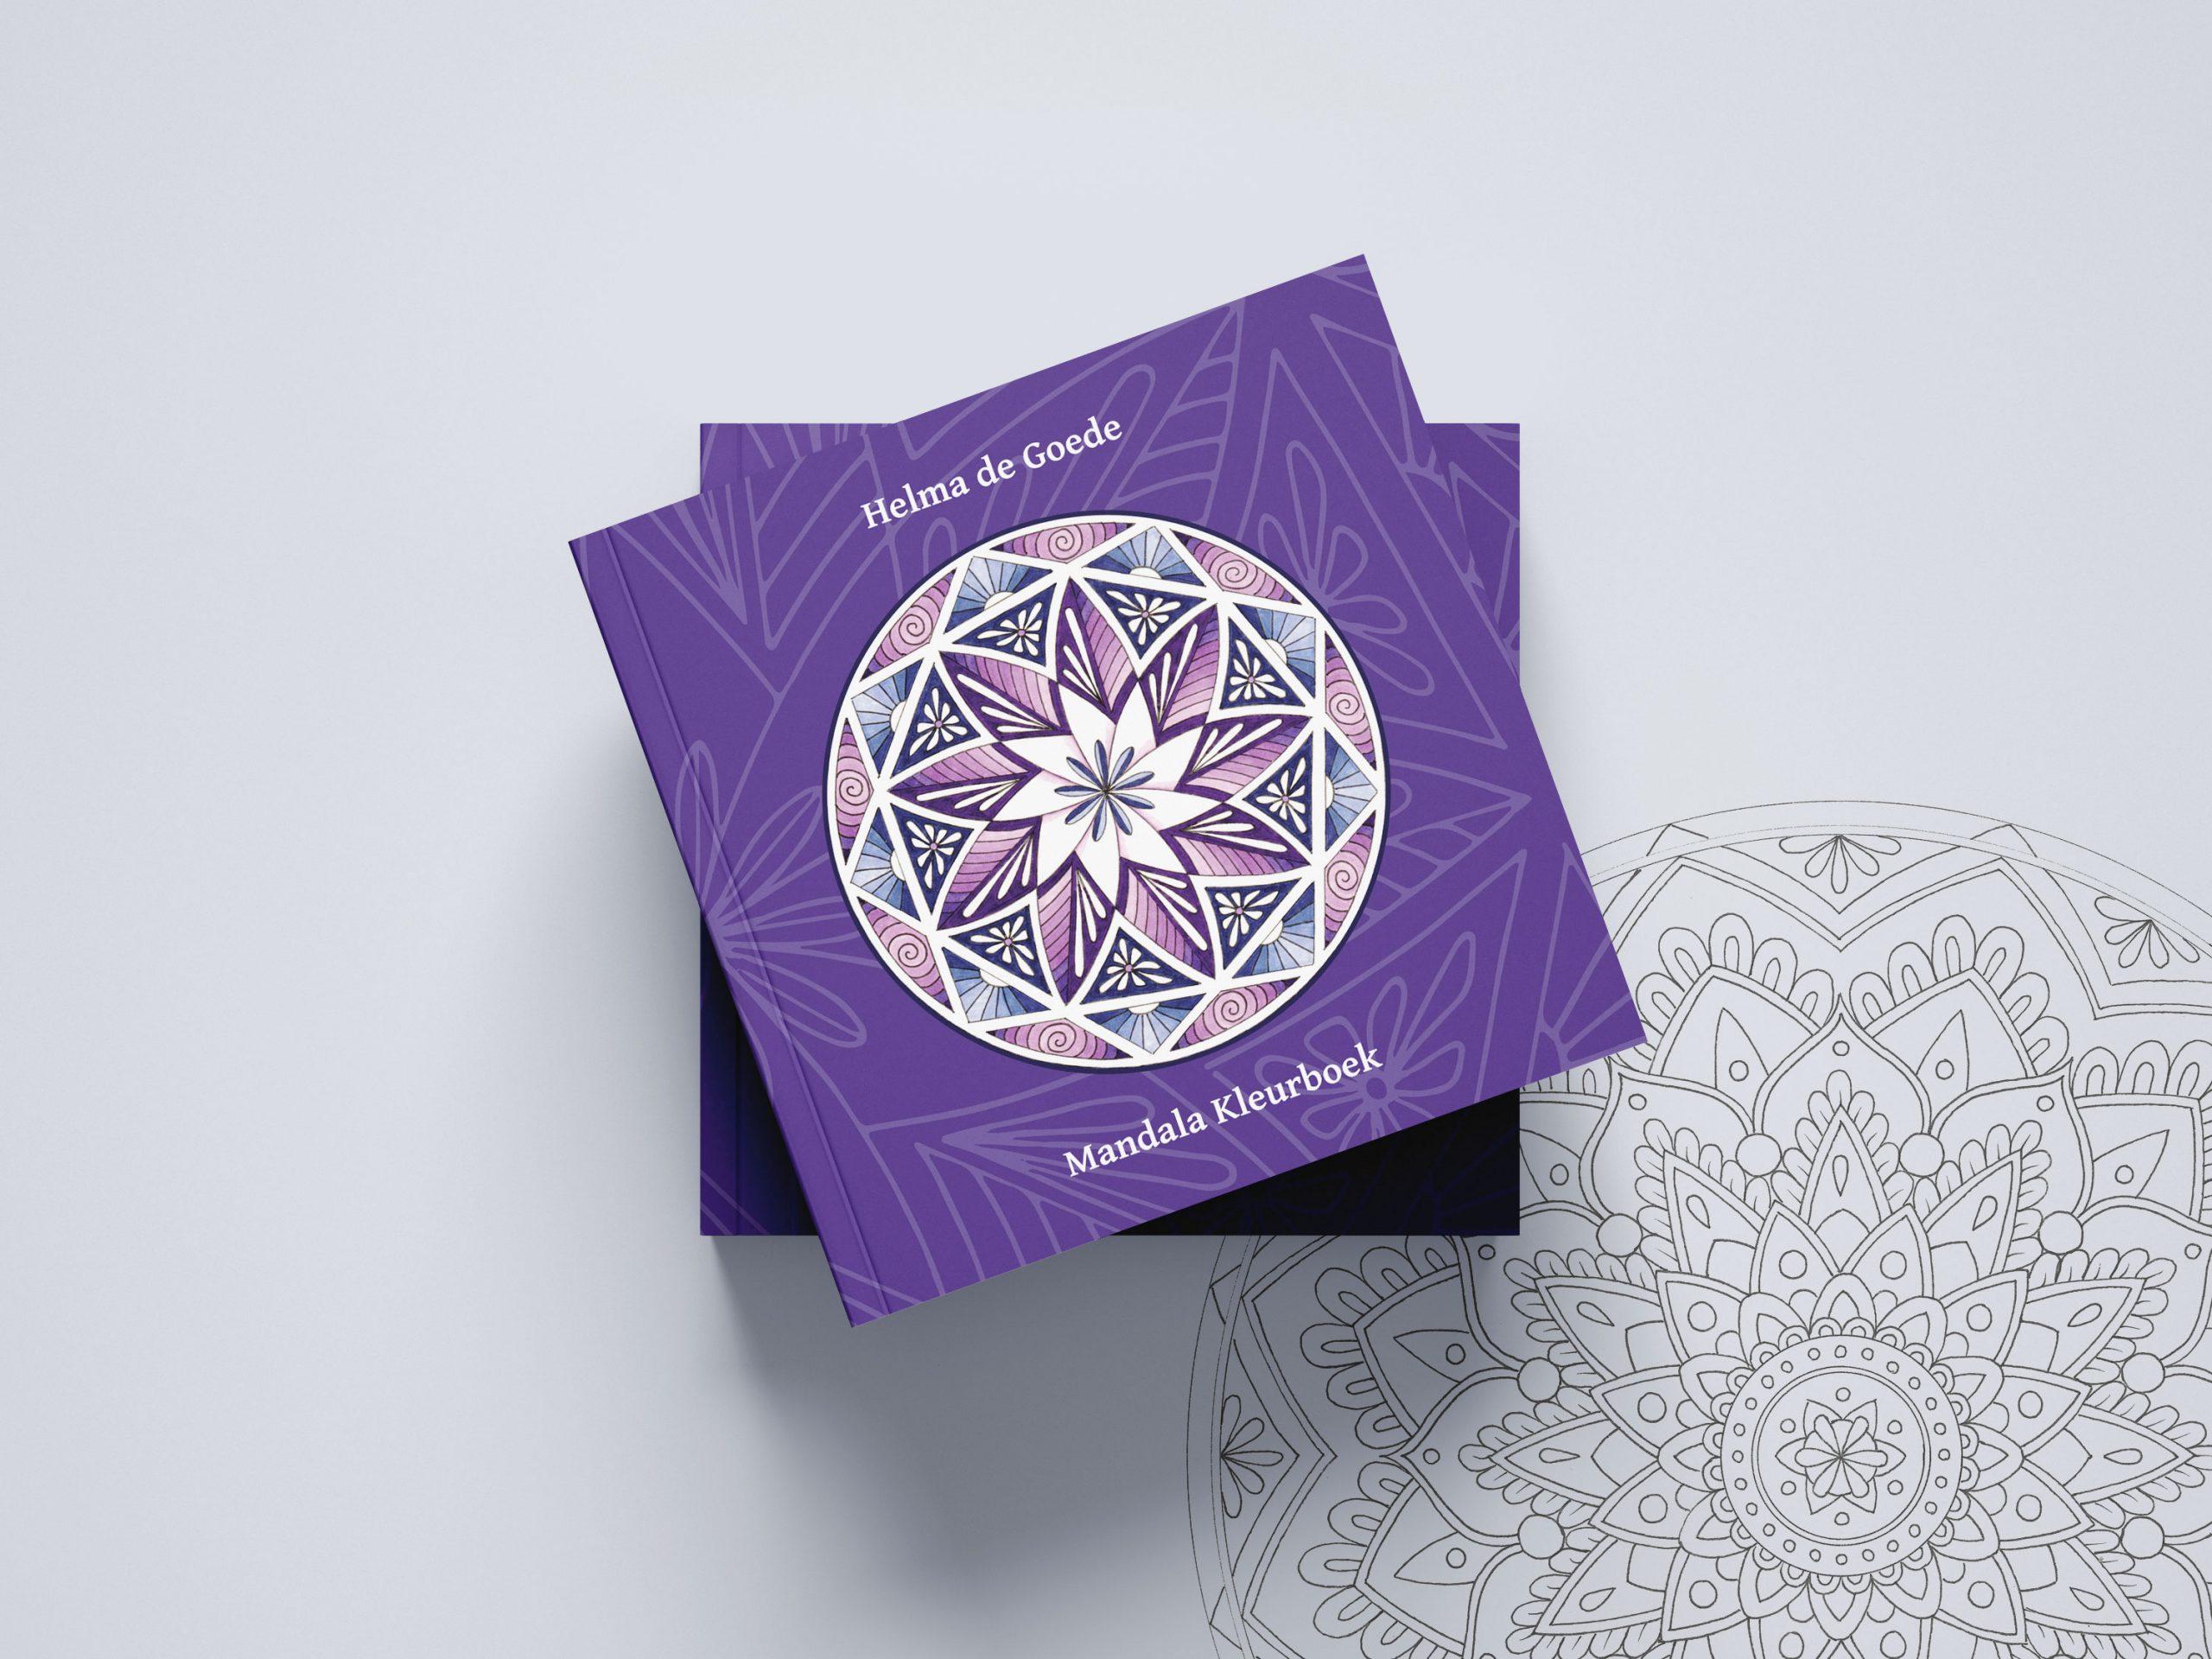 Helma's Mandala Kleurboek van Helma de Goede